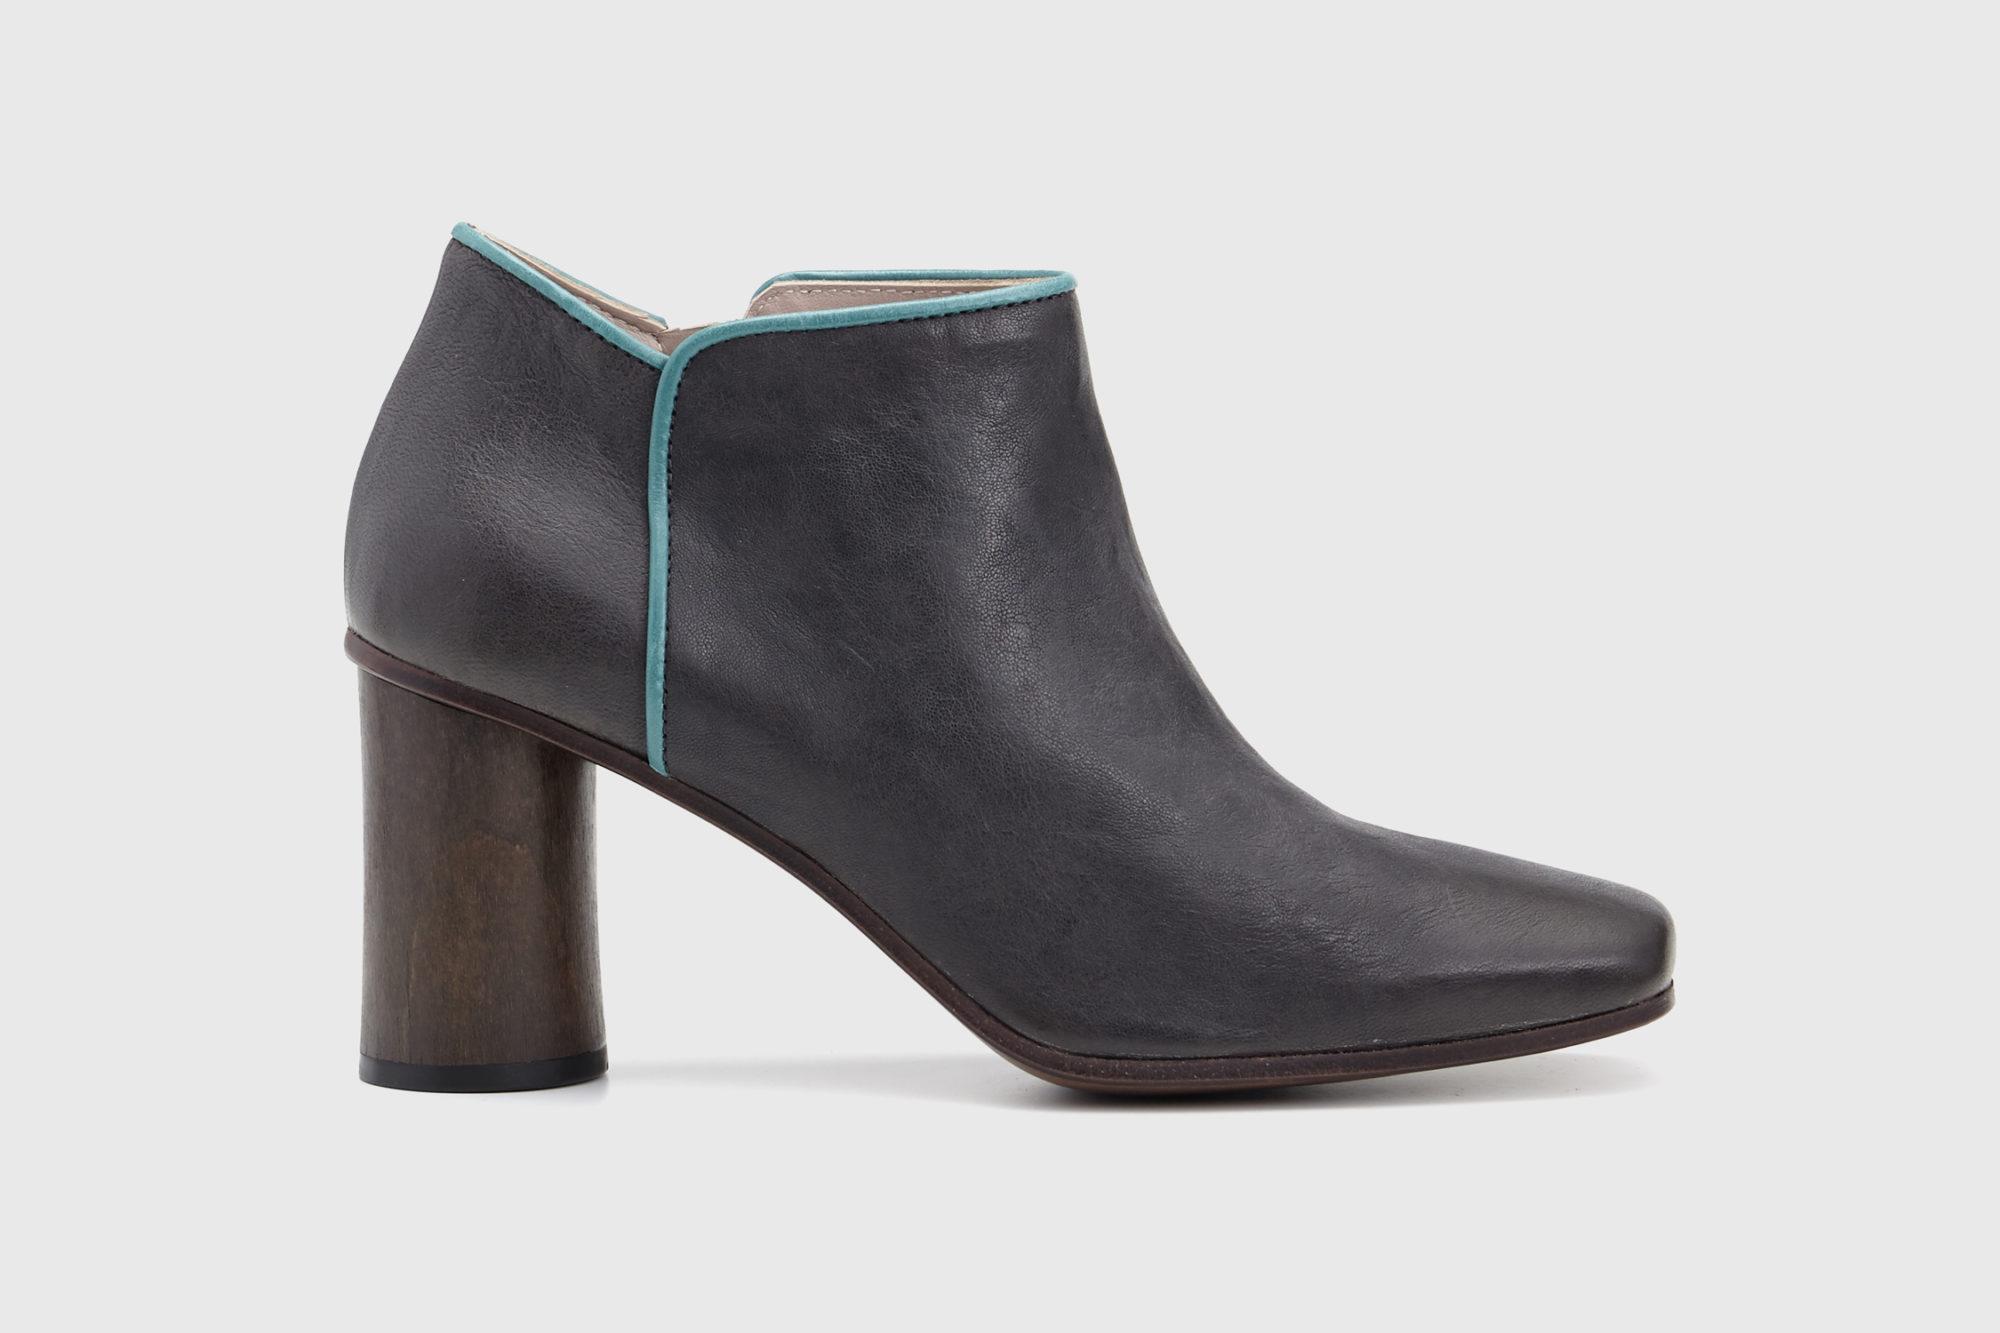 Dorotea zapato abotinado Zoe gris asfalto ss17 perfil